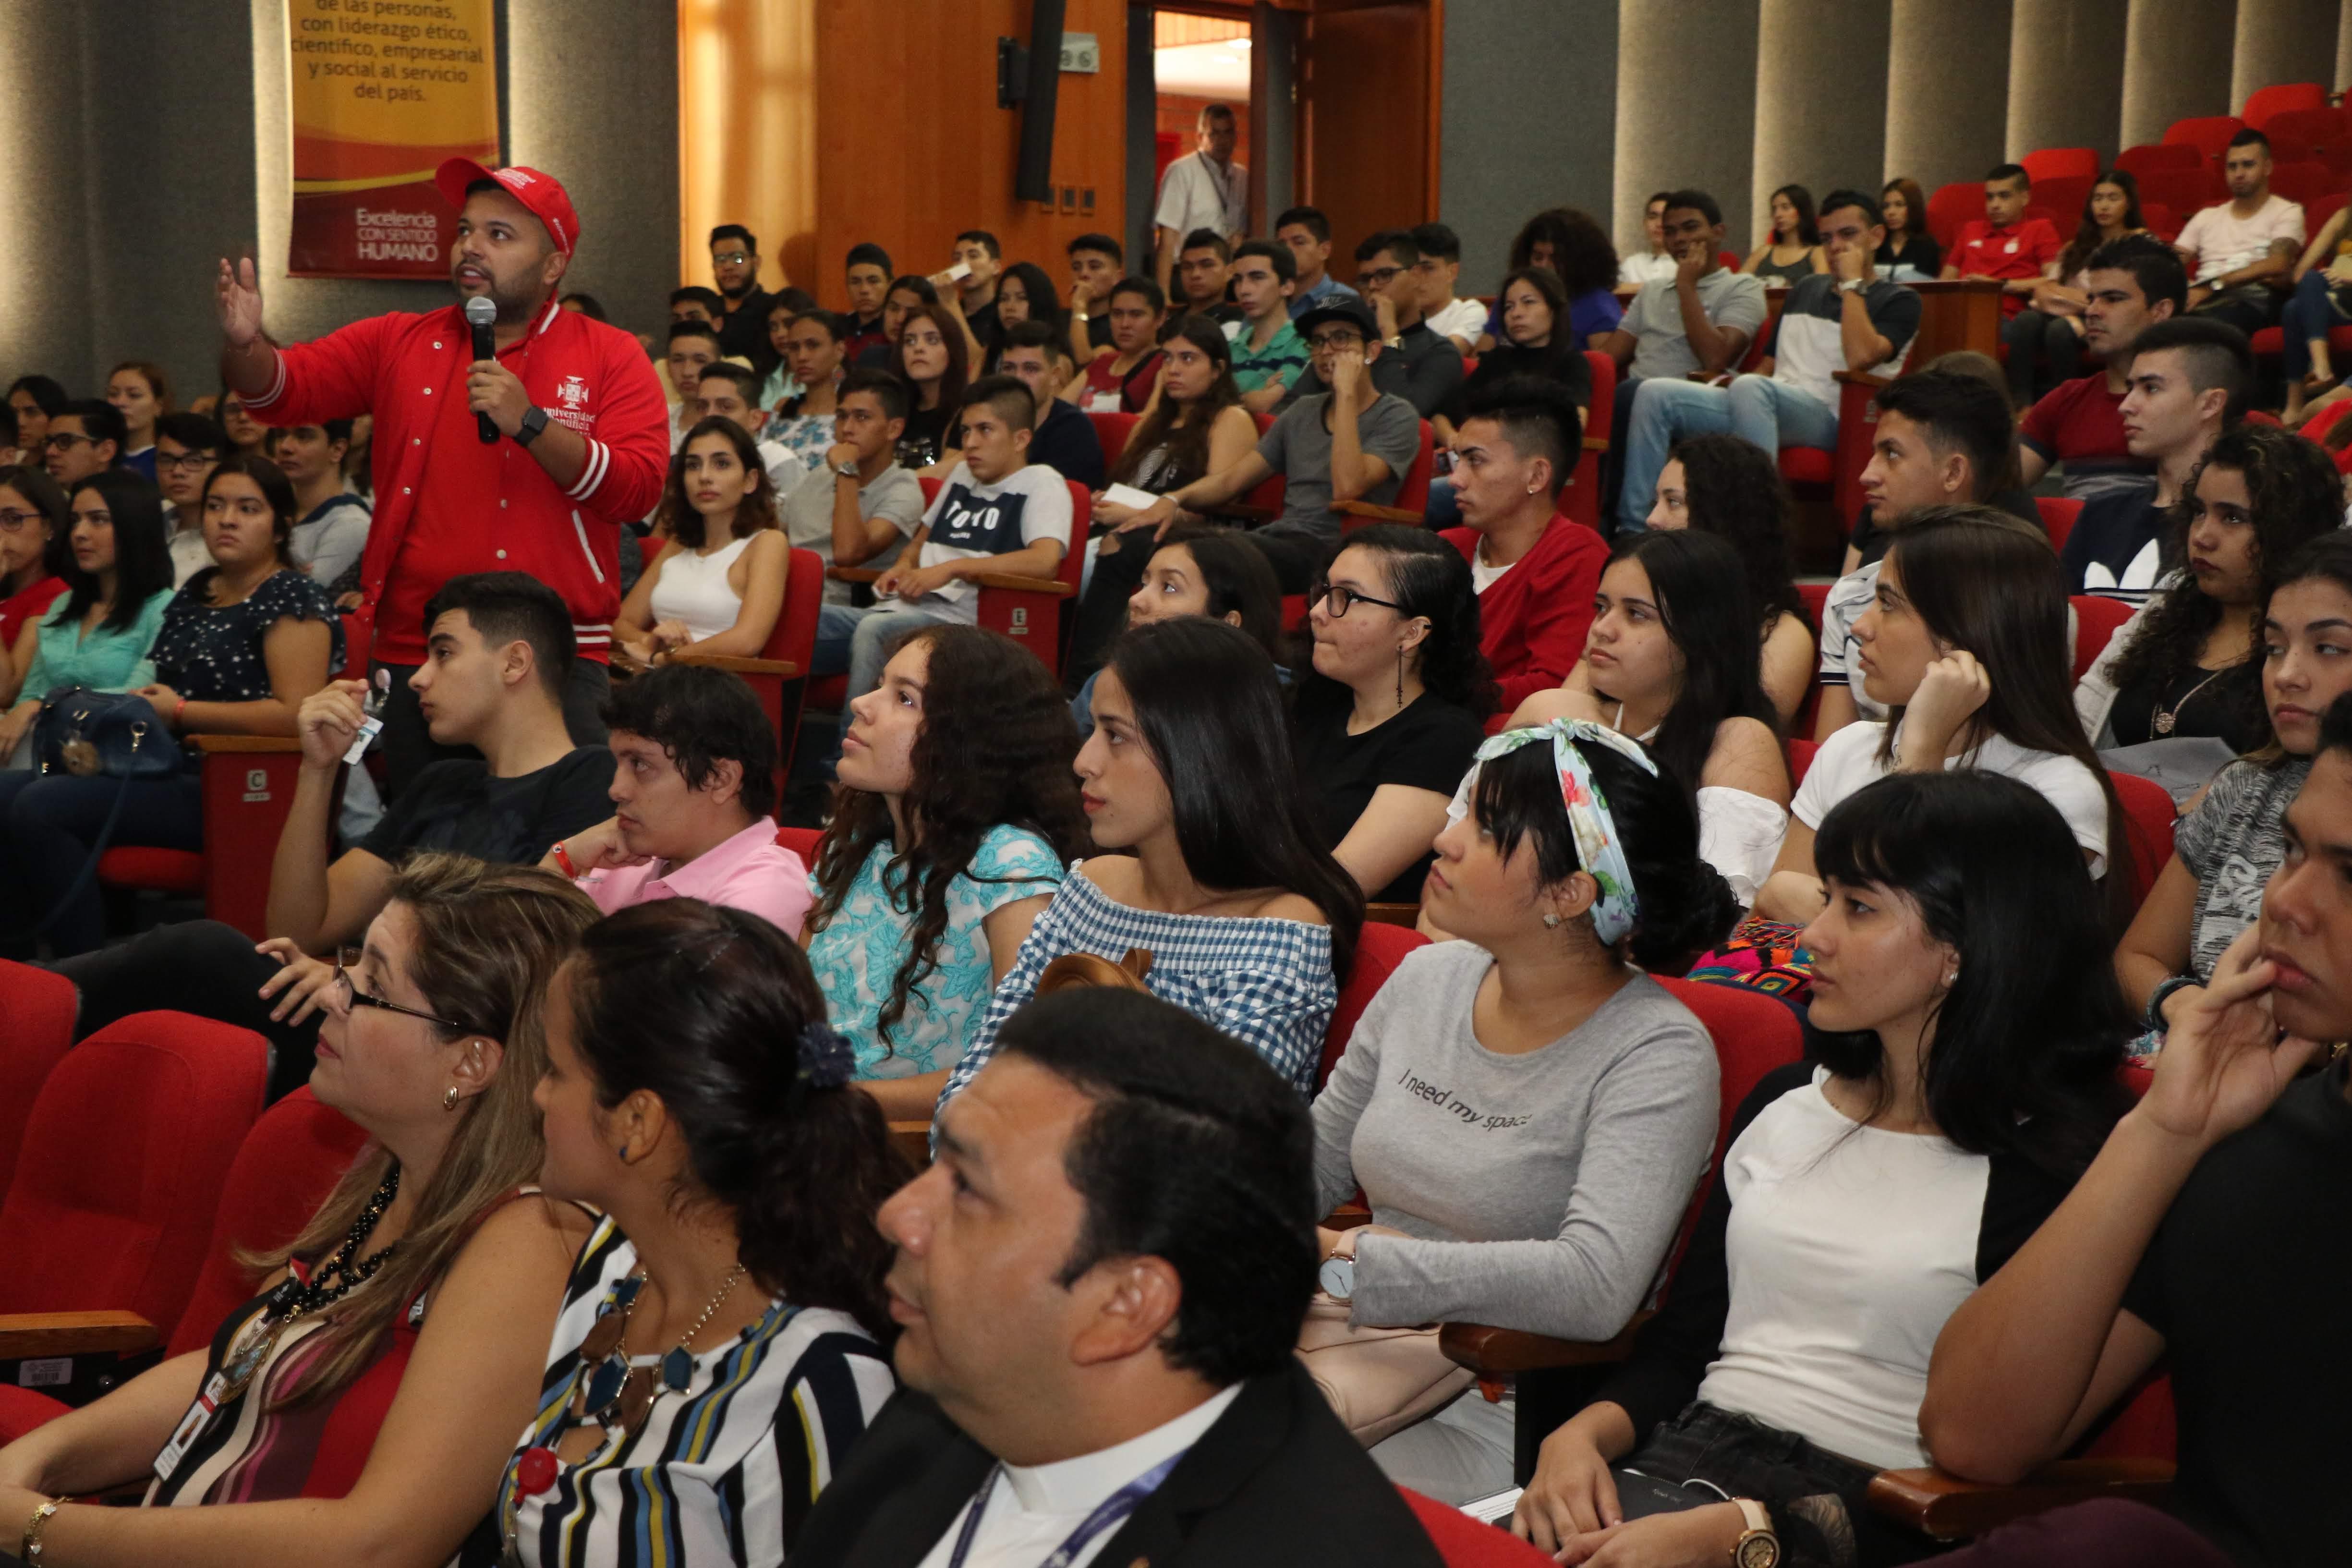 Encuentro U4 en la UPB. Socialización de programas y procesos de las universidades  | Variedades | EL FRENTE